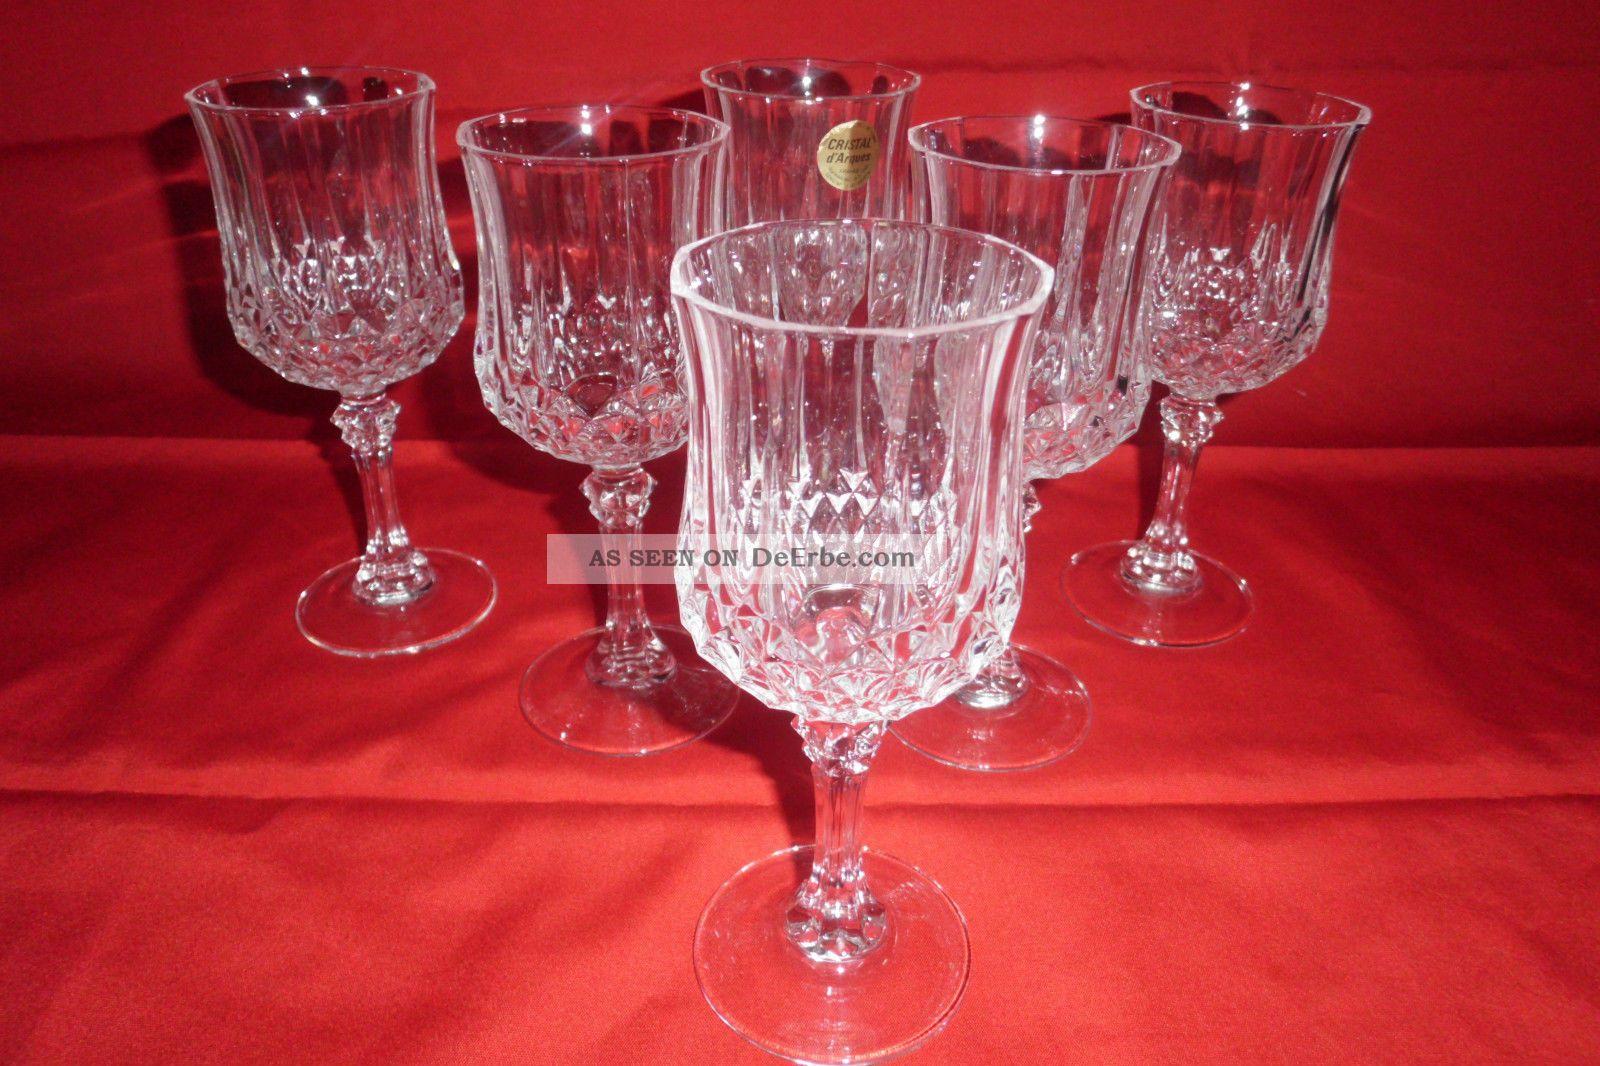 Cristal d 39 arques longchamp 24 bleikristall 6 weingl ser - Verres cristal d arques longchamp ...